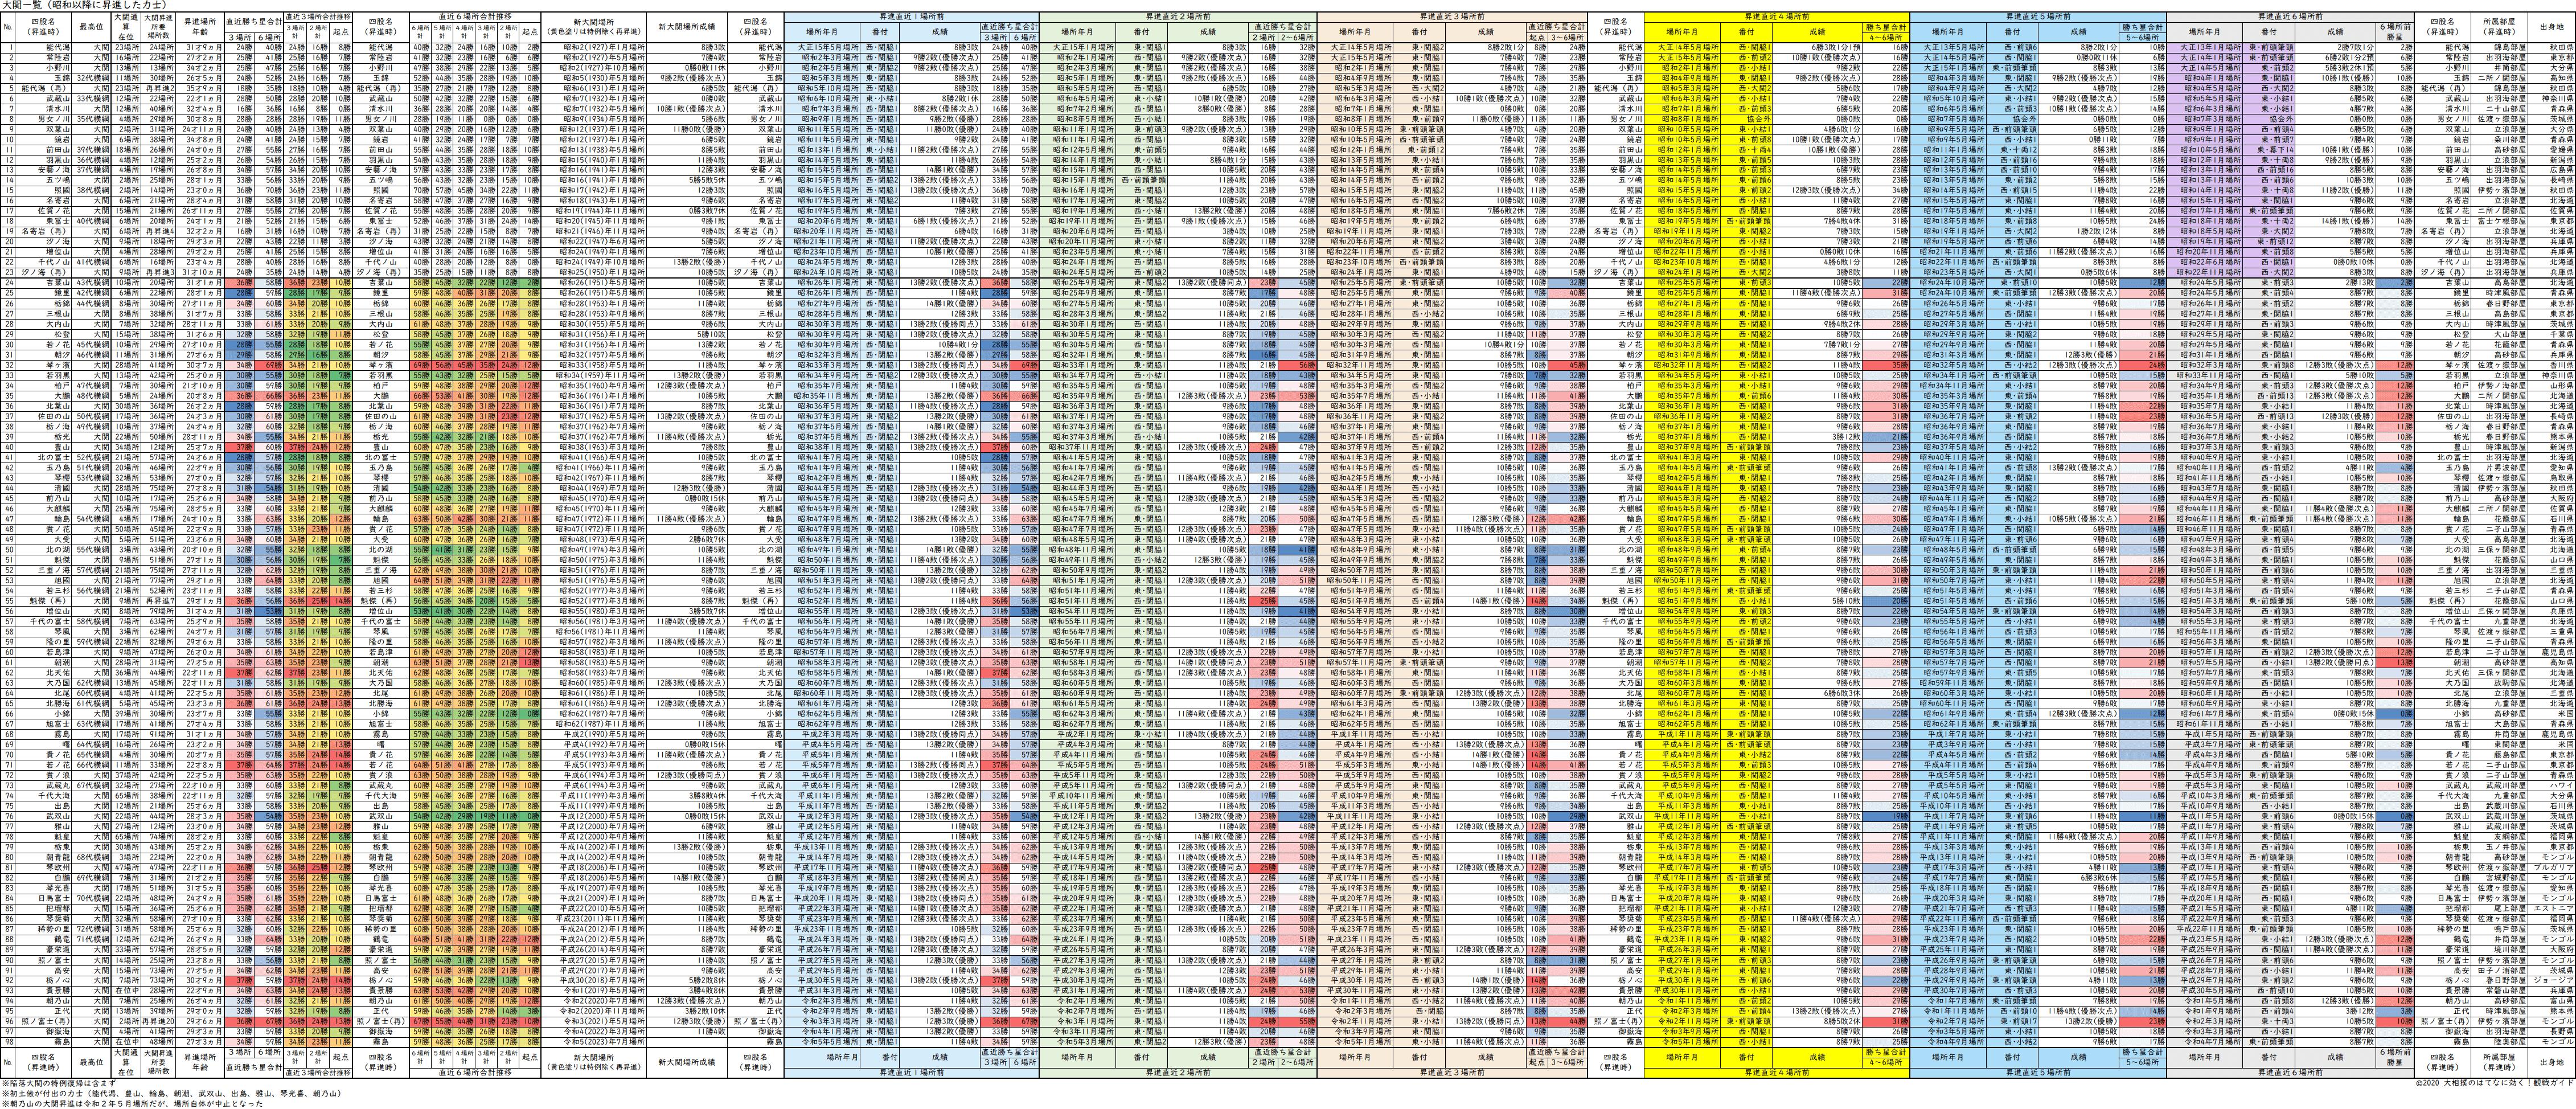 昭和、平成、令和年間に大関に昇進した力士一覧表・過去6場所成績と合計勝ち星付き